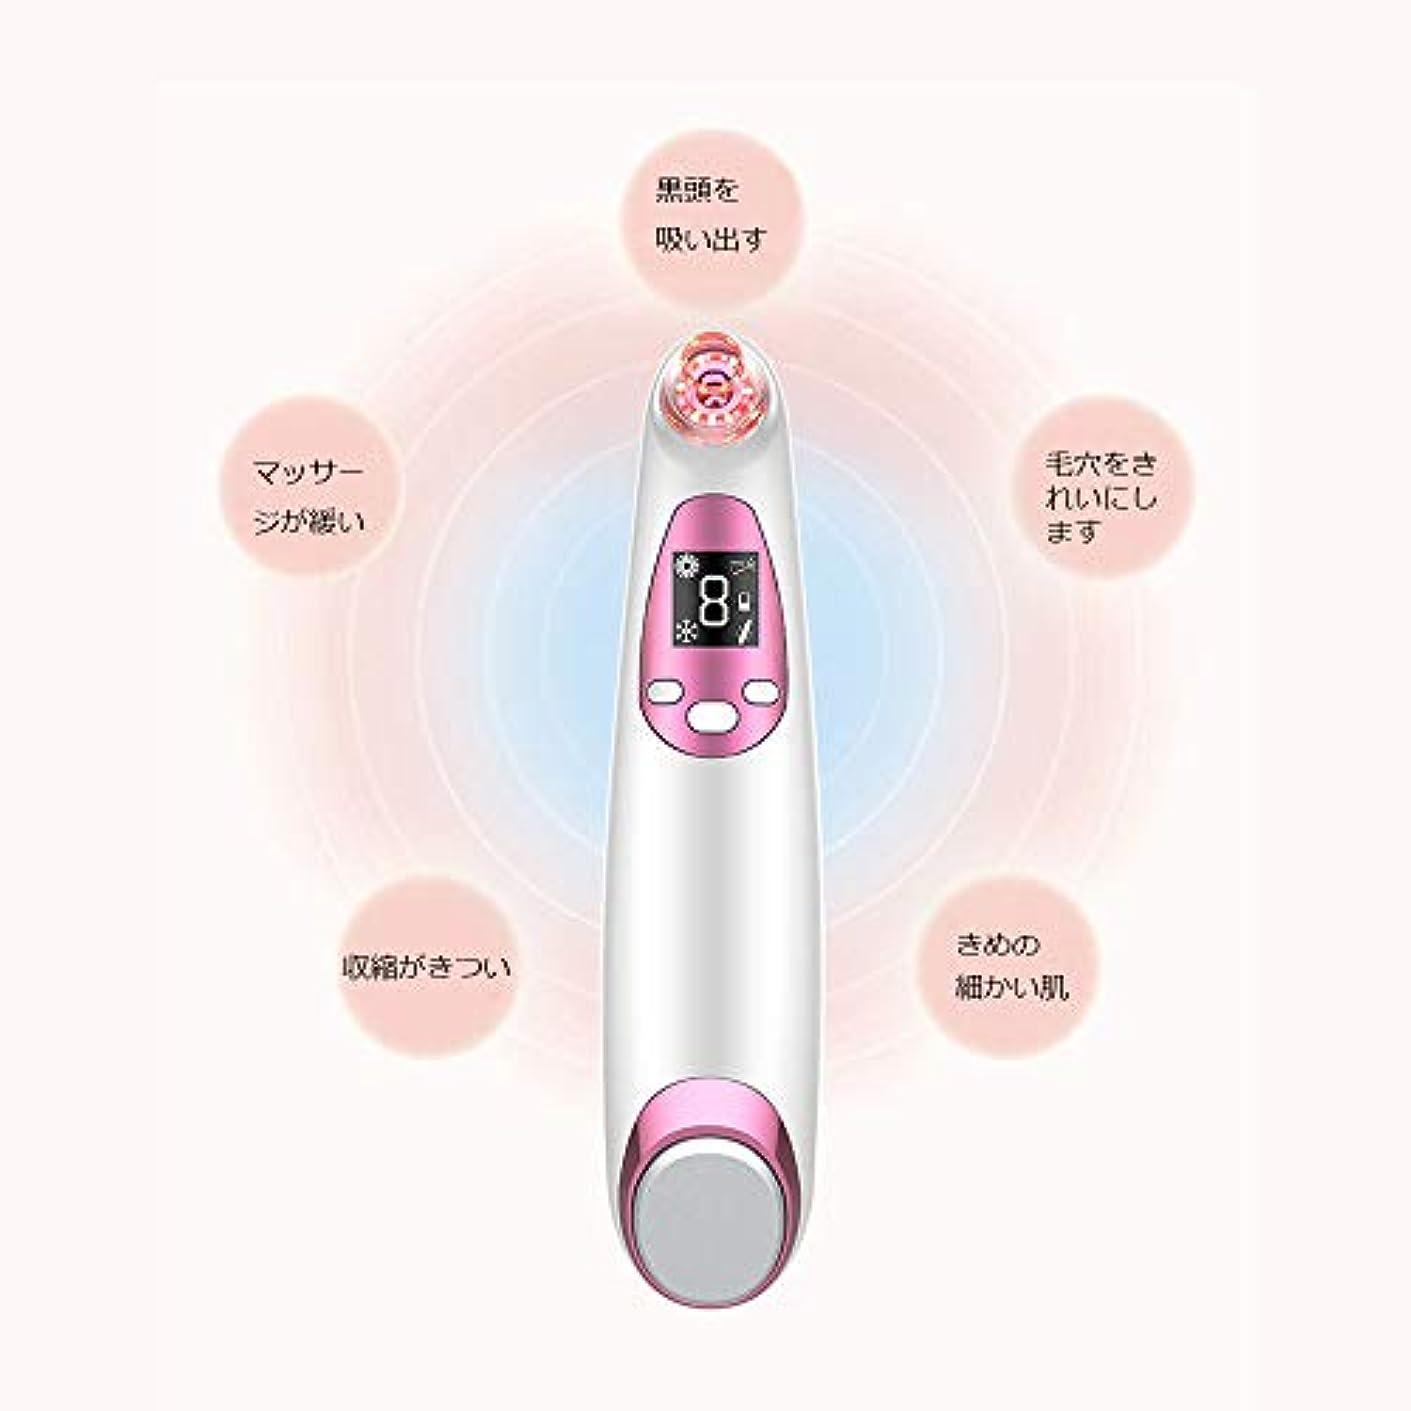 痴漢居心地の良い石にきびの除去剤の気孔の掃除機、LED表示が付いている顔の気孔の洗剤、熱く/冷たい振動心配のパネル、再充電可能および4つの吸引の頭部